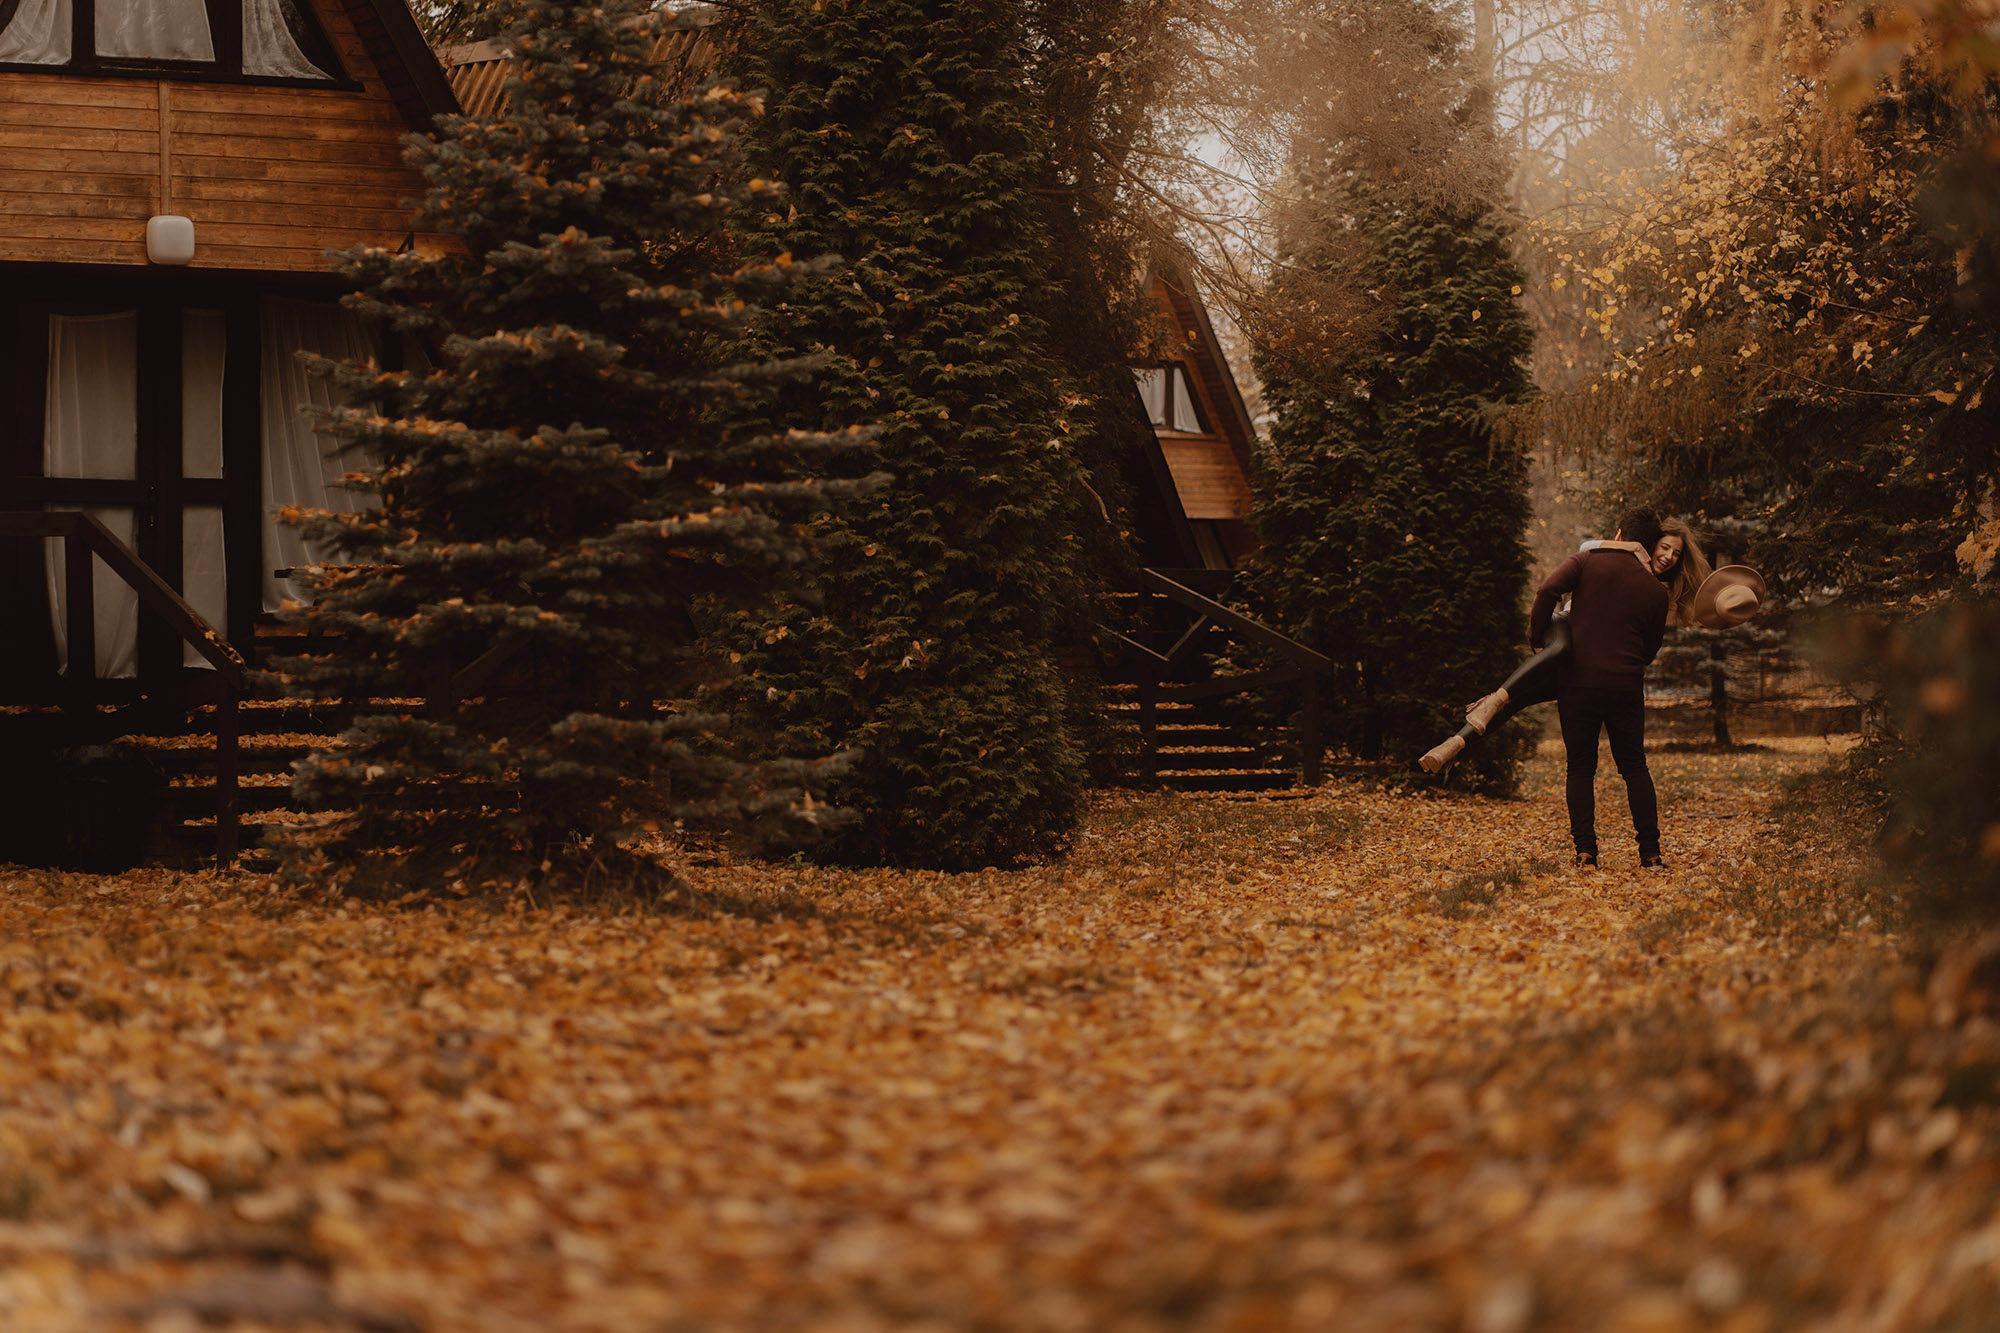 Jesienna sesja narzeczenska00031 - Jesienna sesja narzeczeńska